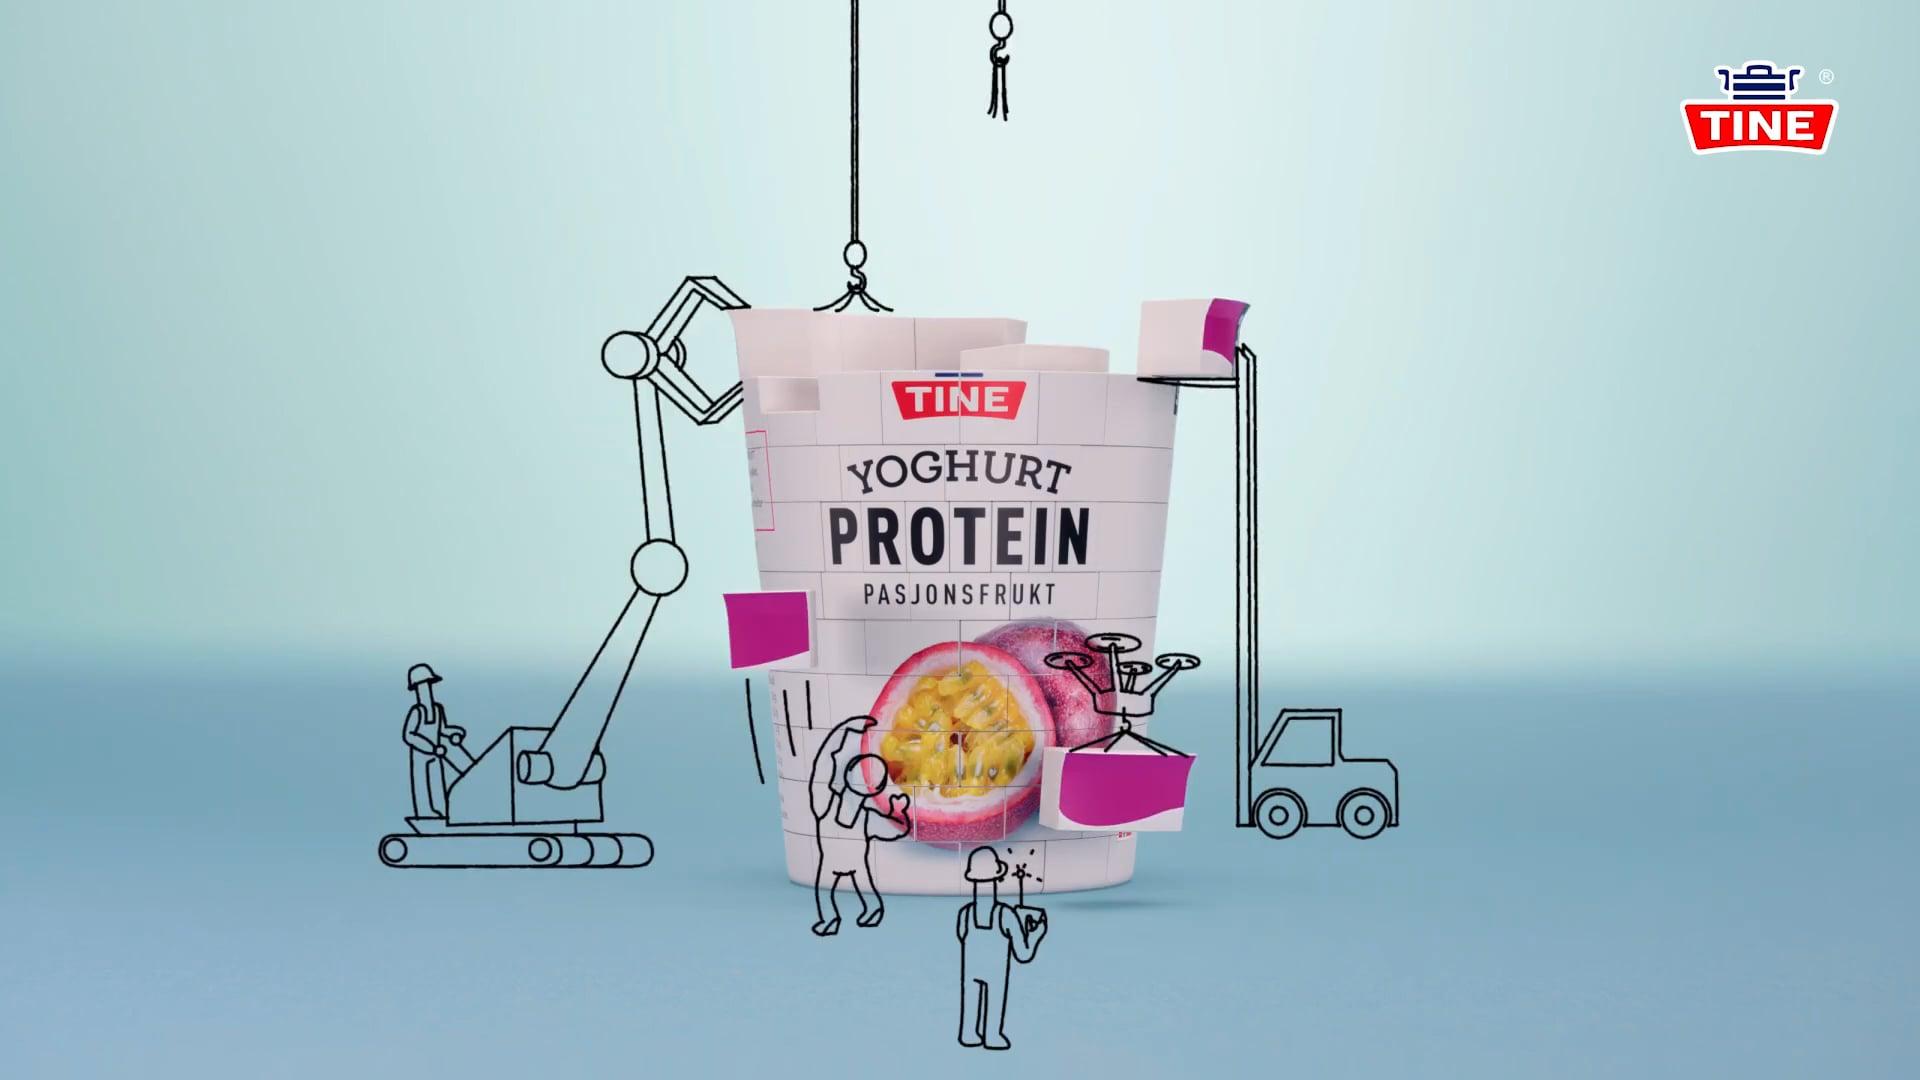 TINE Yoghurt Protein